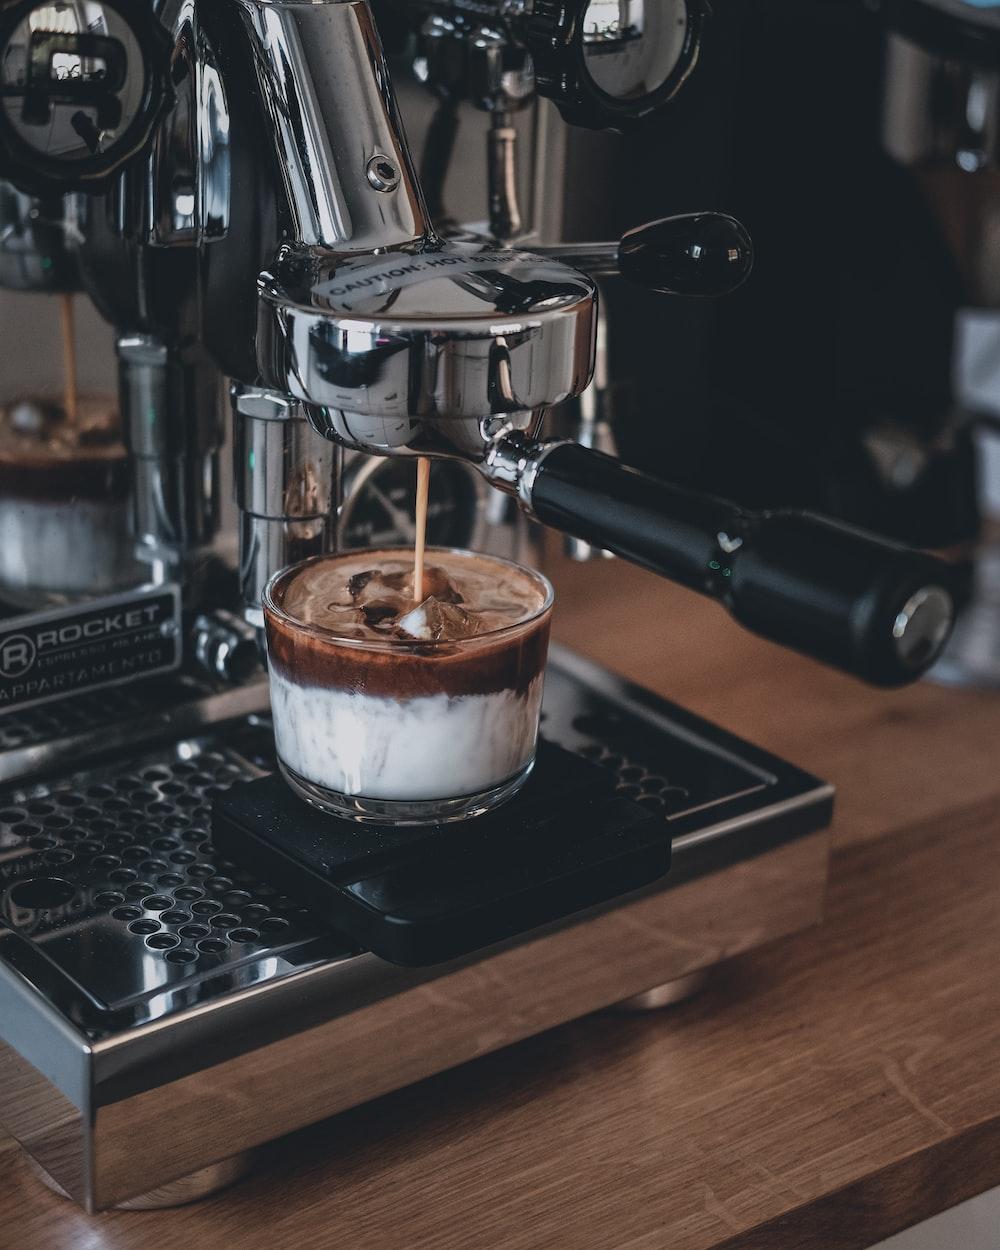 espresso in white ceramic mug on black and silver espresso machine